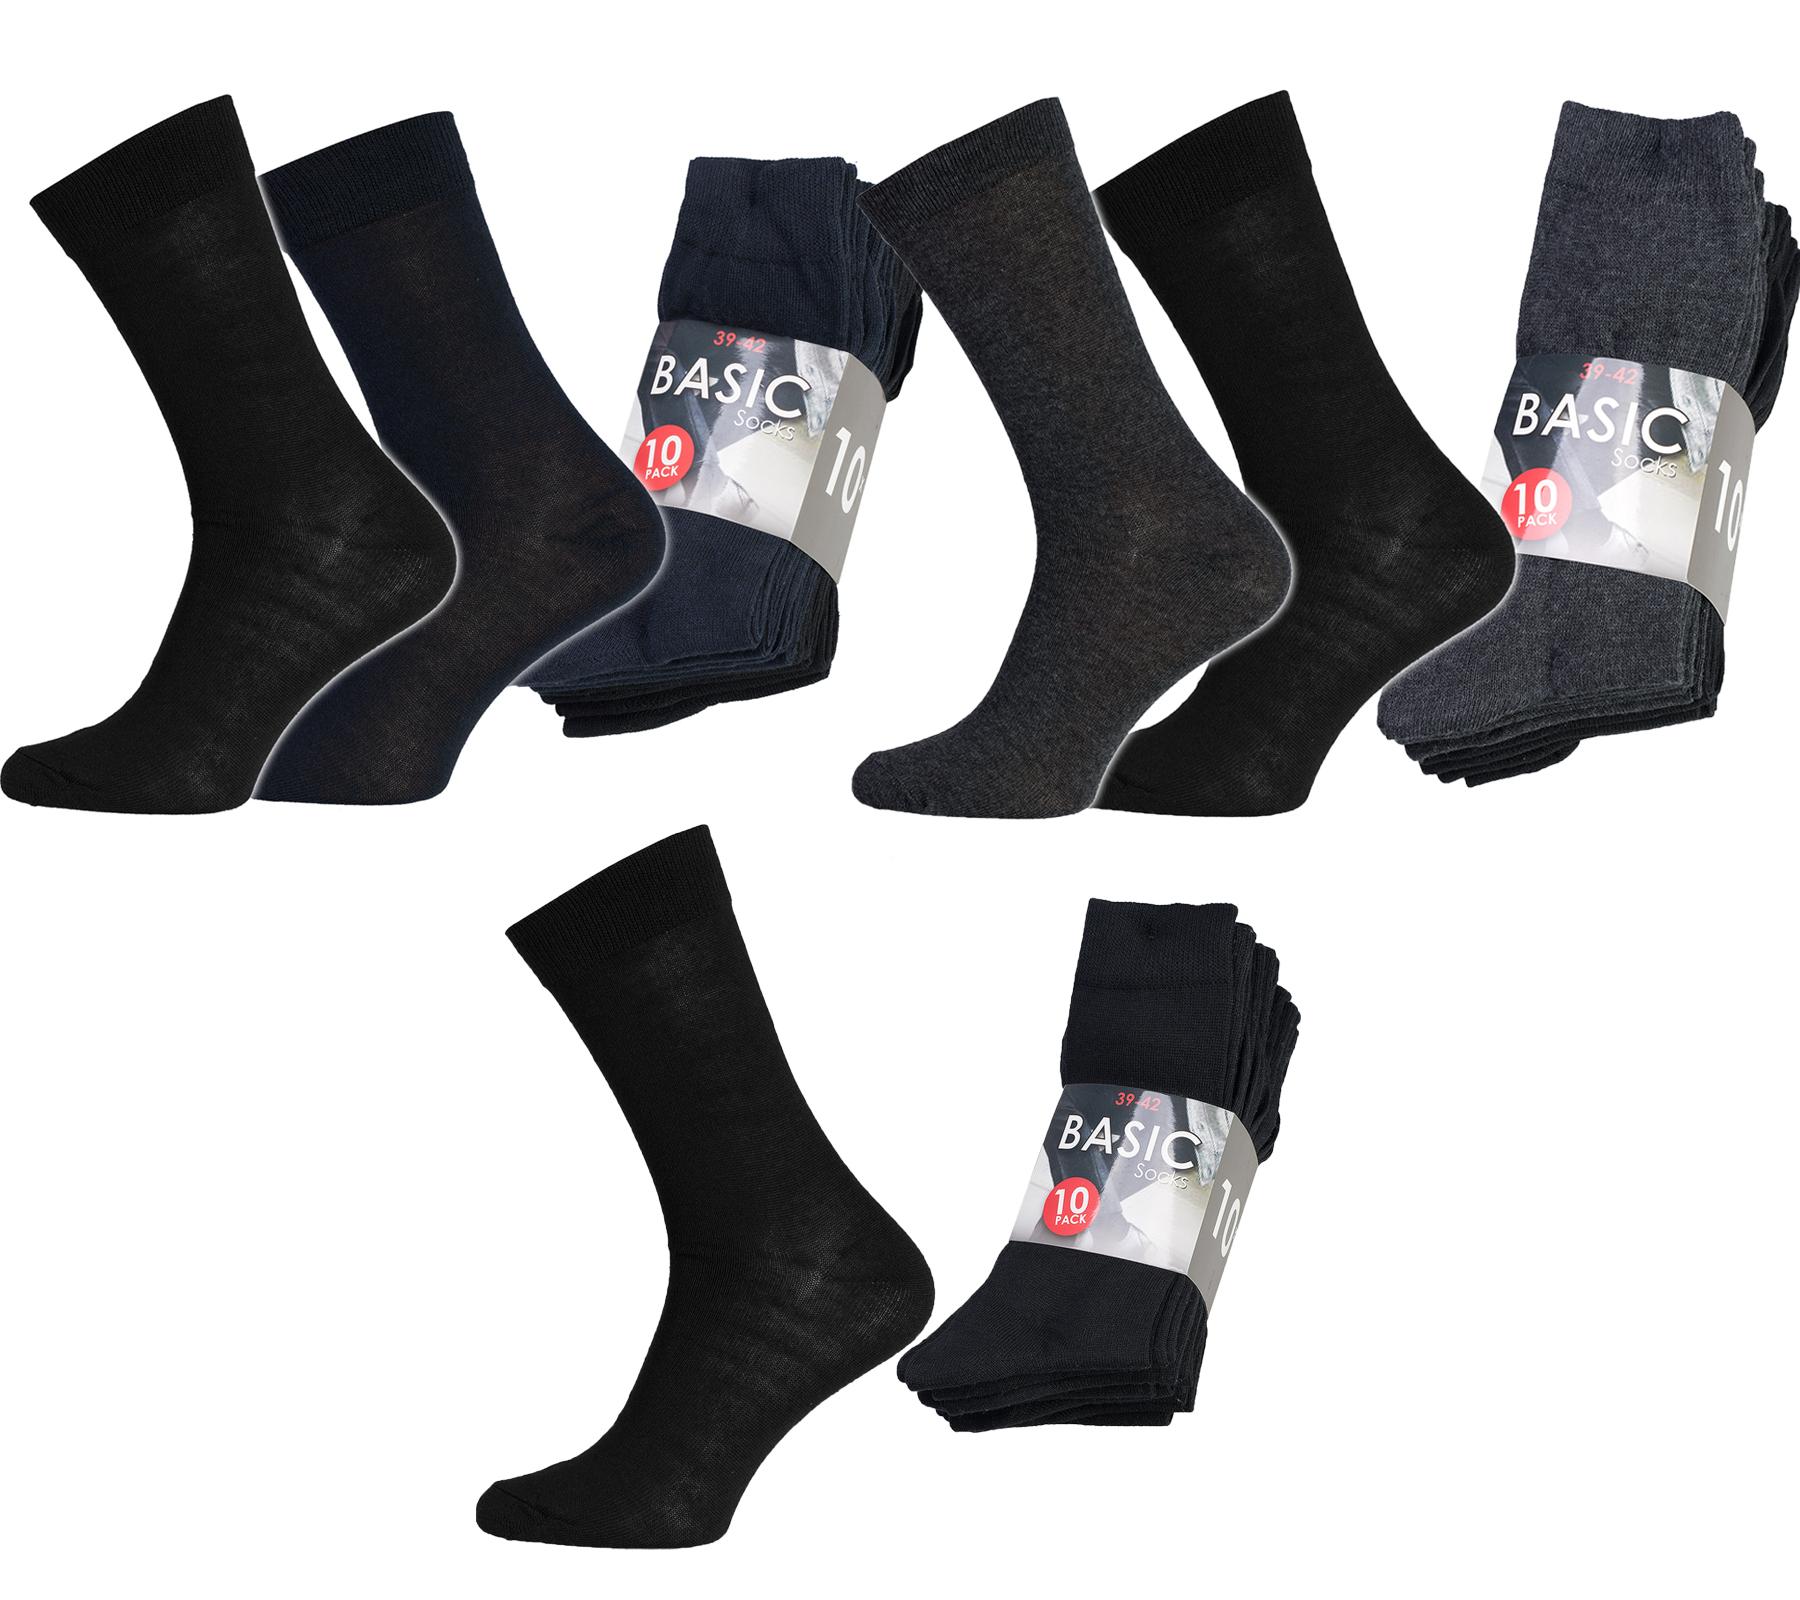 Business-Socken Herren (10er Pack) für 4,99€ inkl. Versand